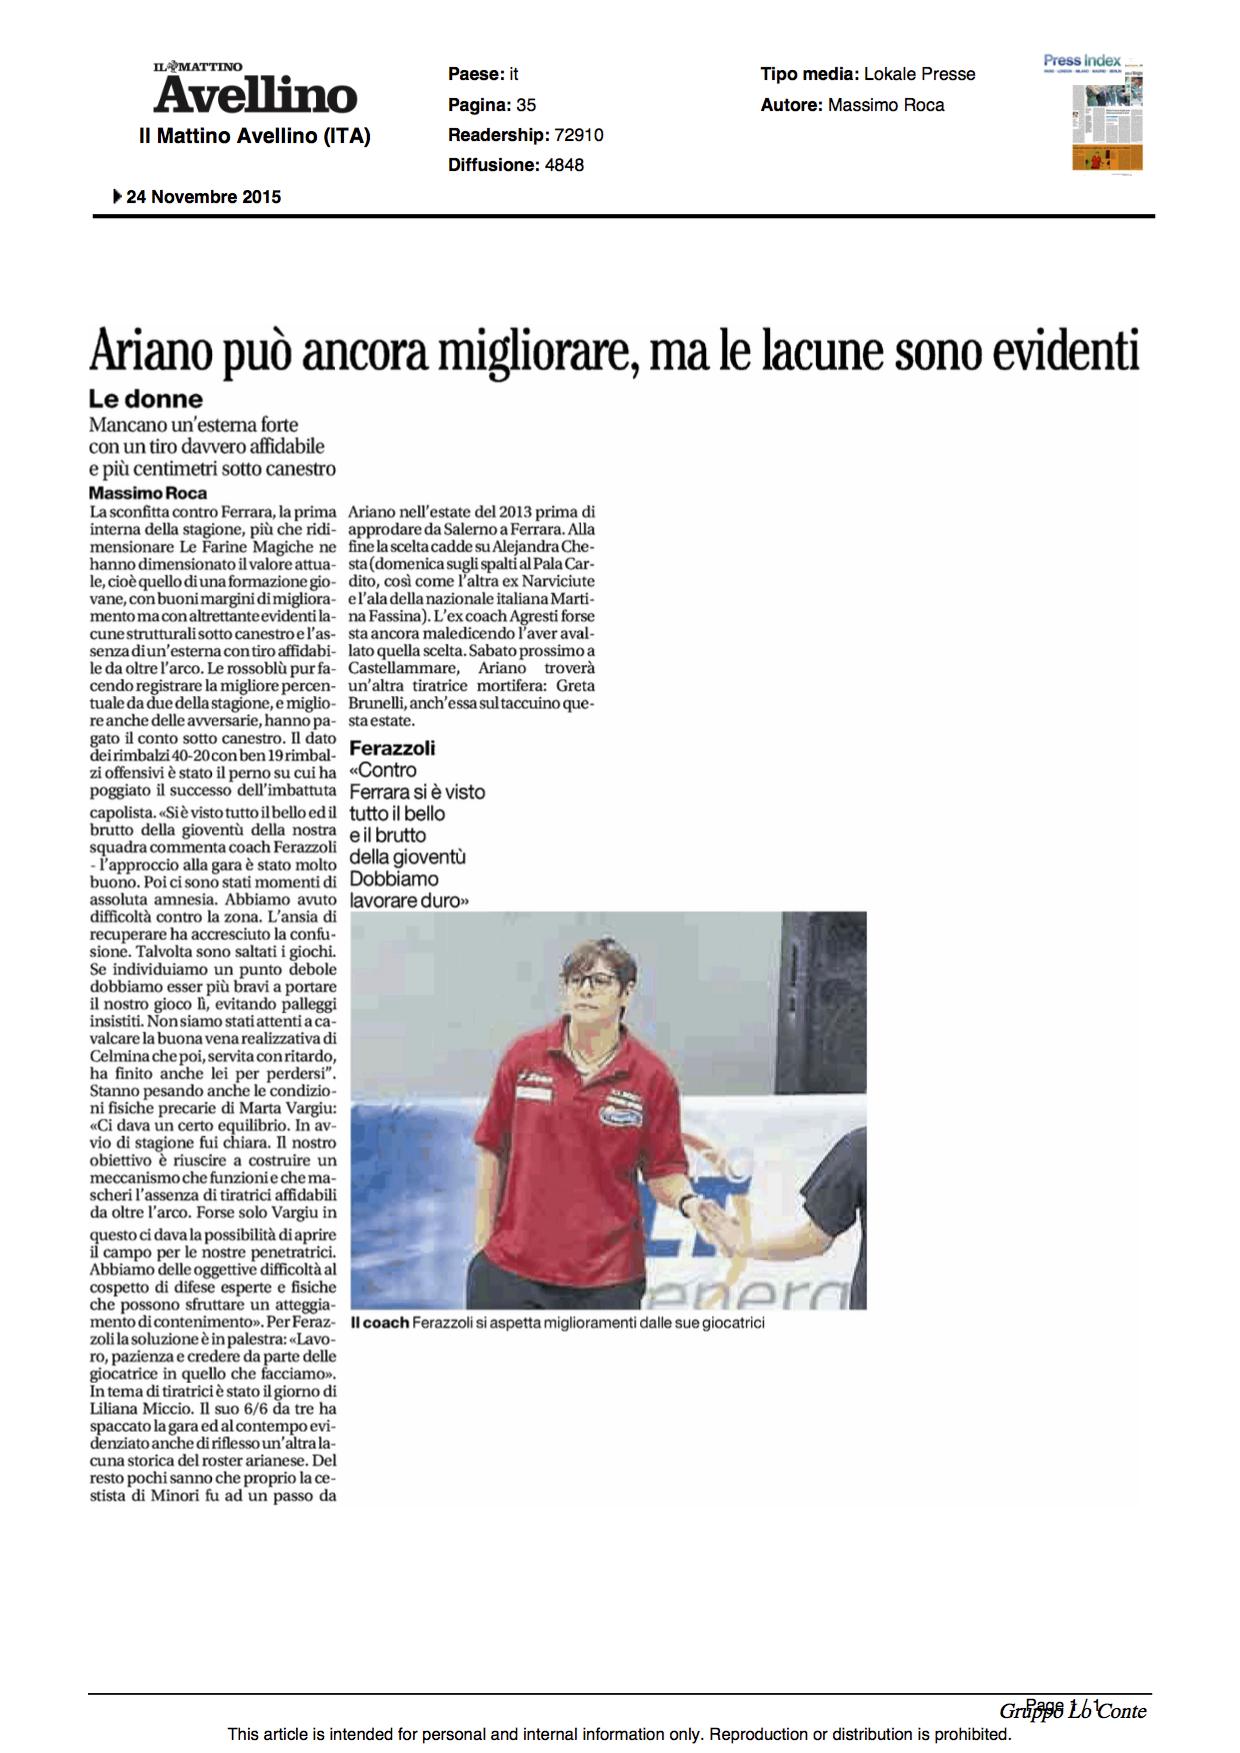 24.11.2015_IL MATTINO _ED AVELLINO